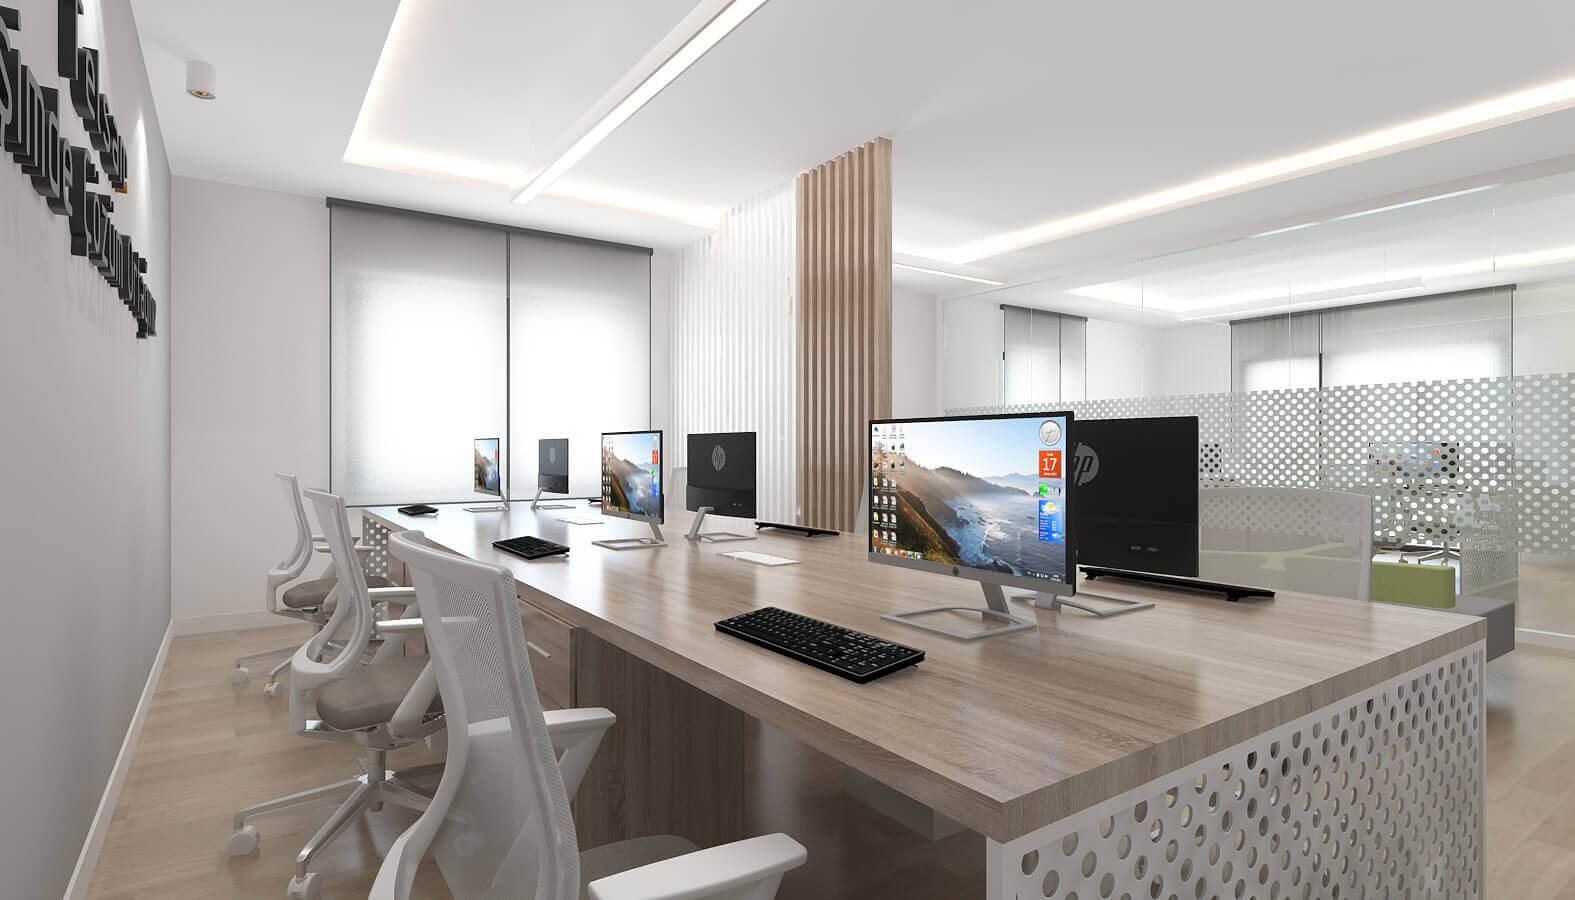 ofis içmimari 3786 Telsam Telekom Ofisler